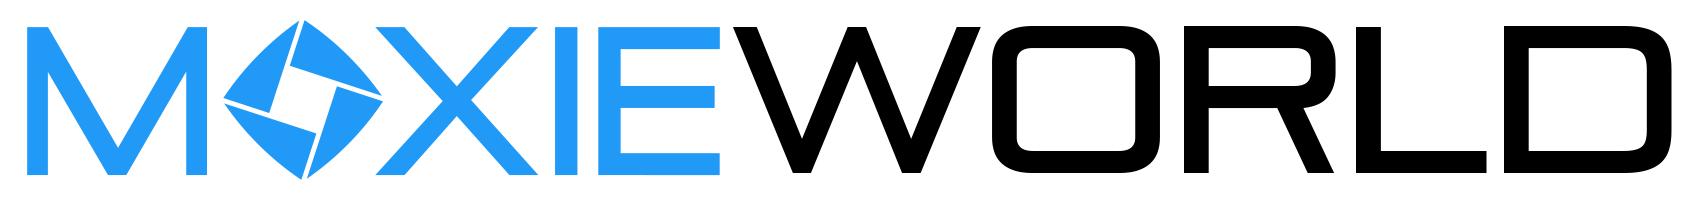 MoxieWORLD logo